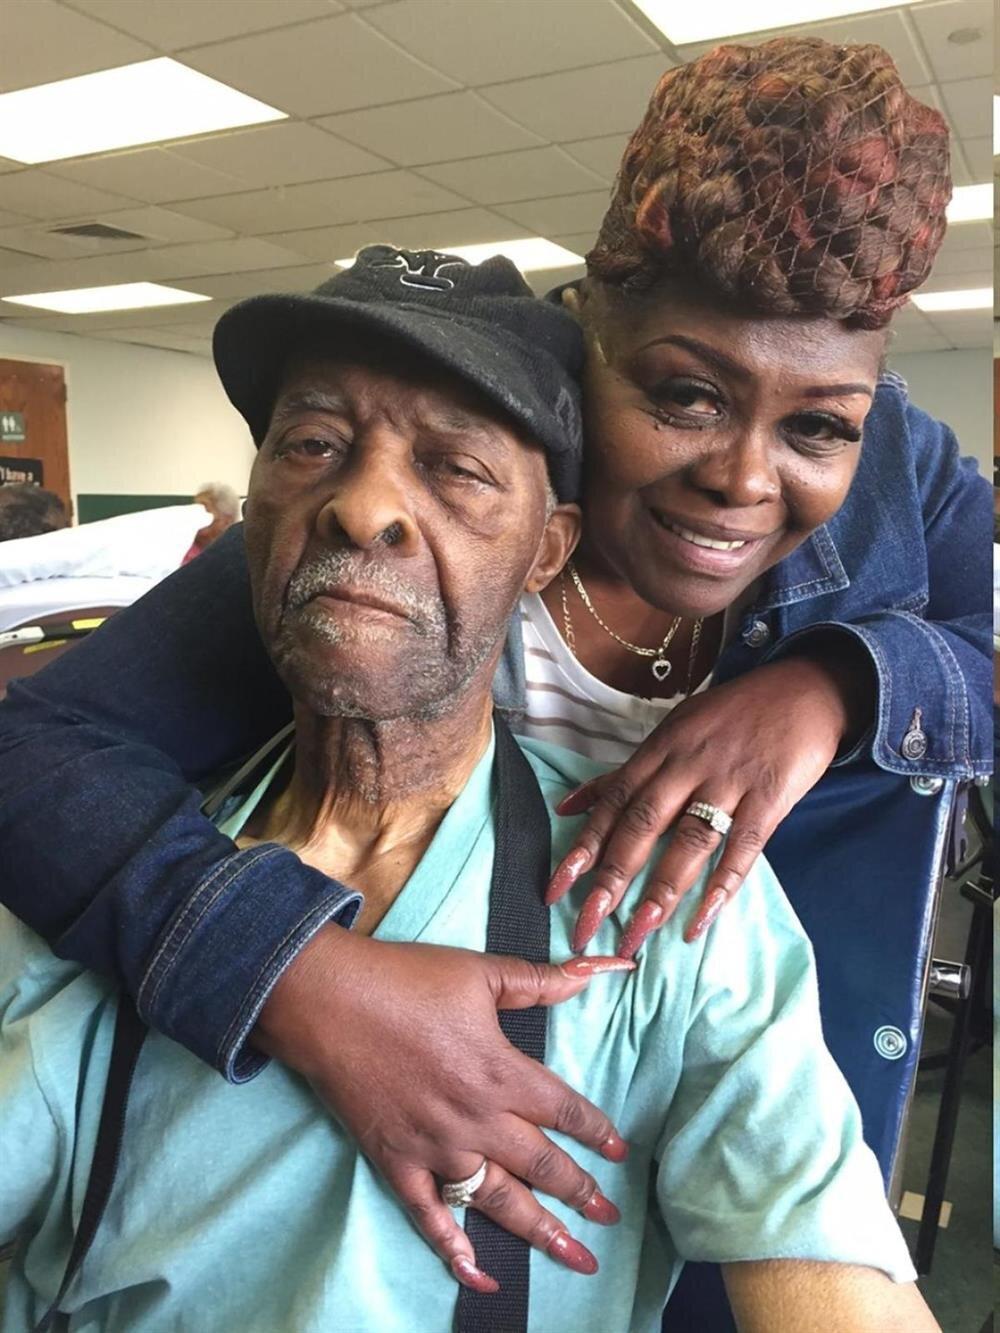 Ölen adam Celeveland Butler ve kızı Sandra Butler